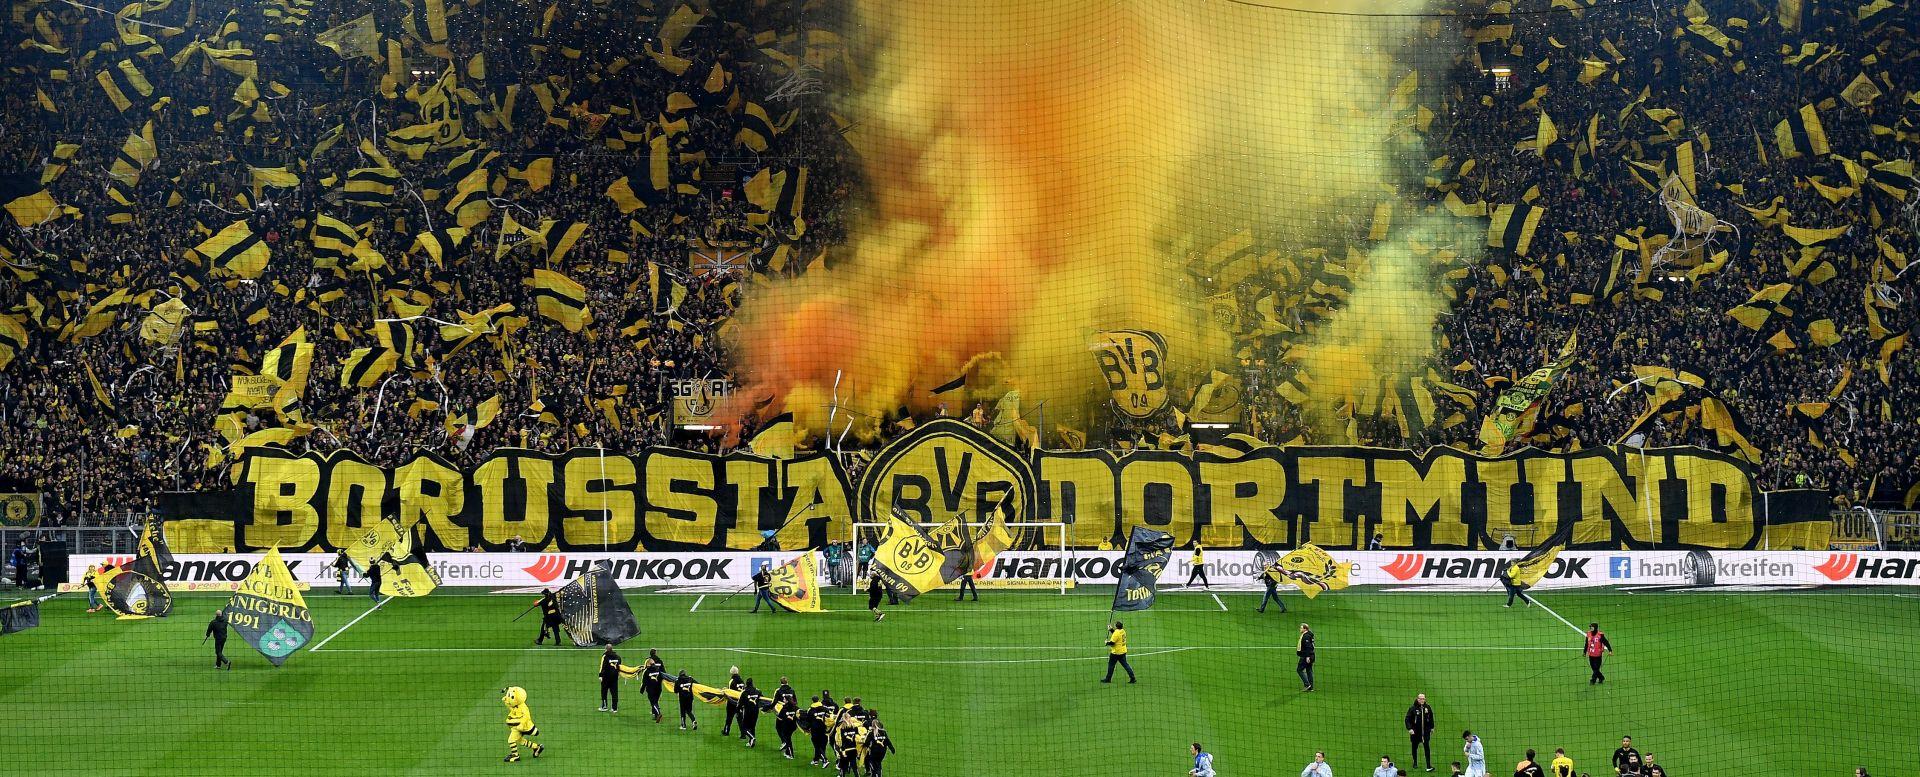 Njemačka: Borussia D. – Eintracht F. 3-2